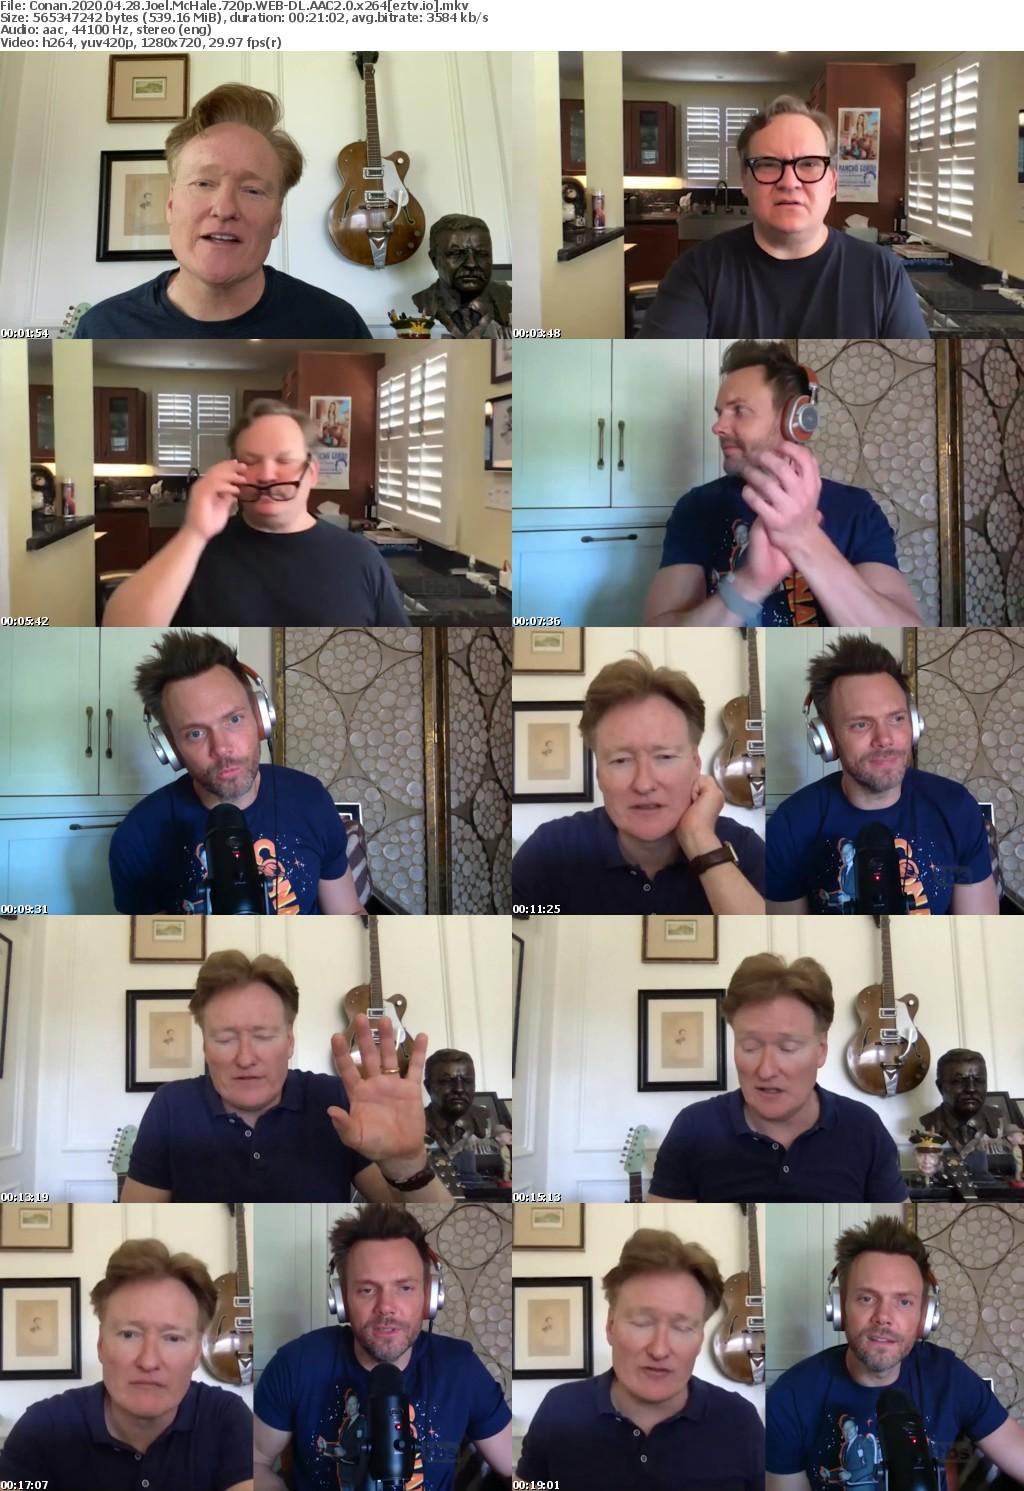 Conan 2020 04 28 Joel McHale 720p WEB-DL AAC2 0 x264